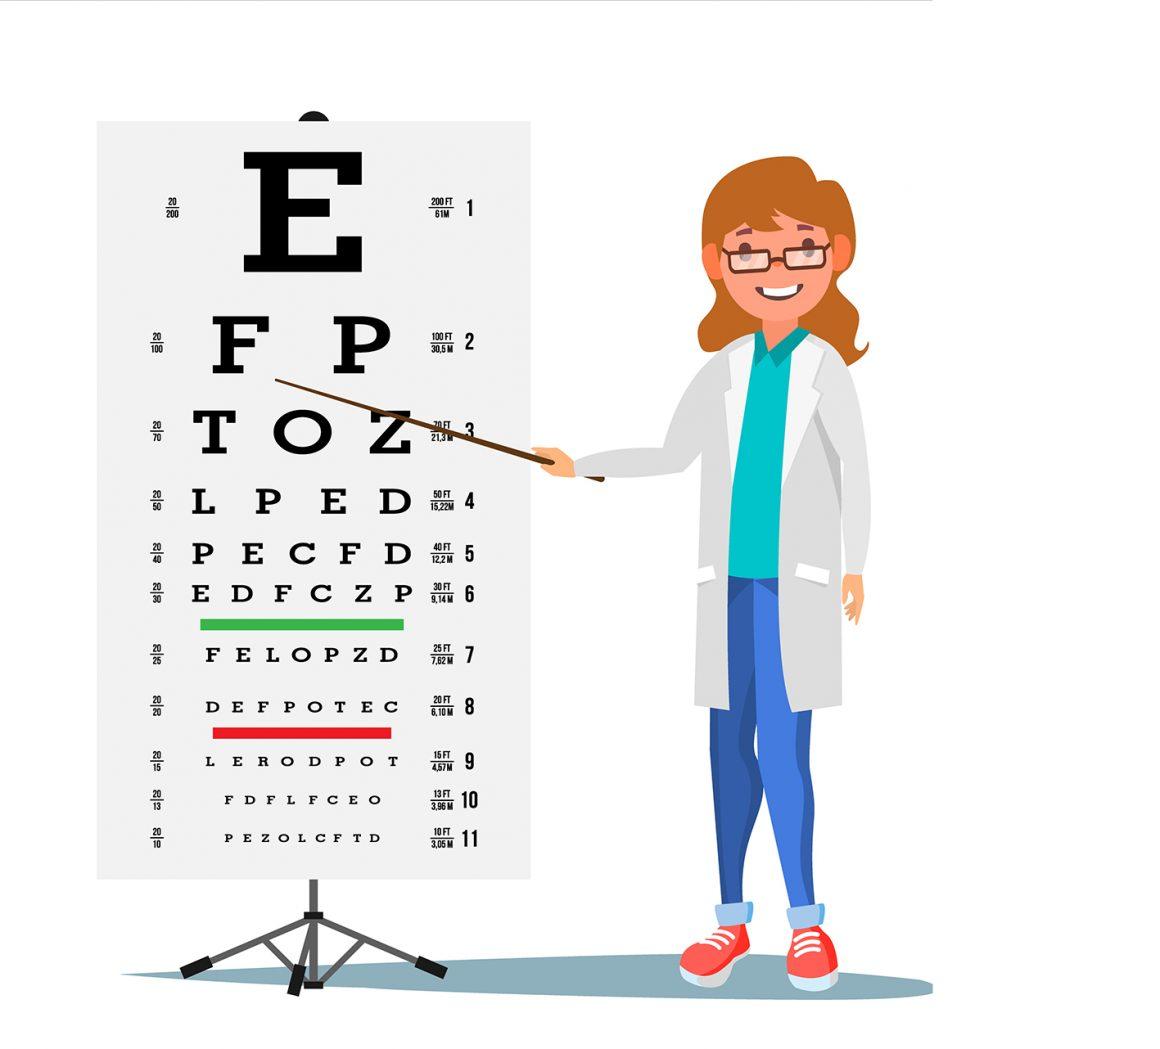 La consulta oftalmológica